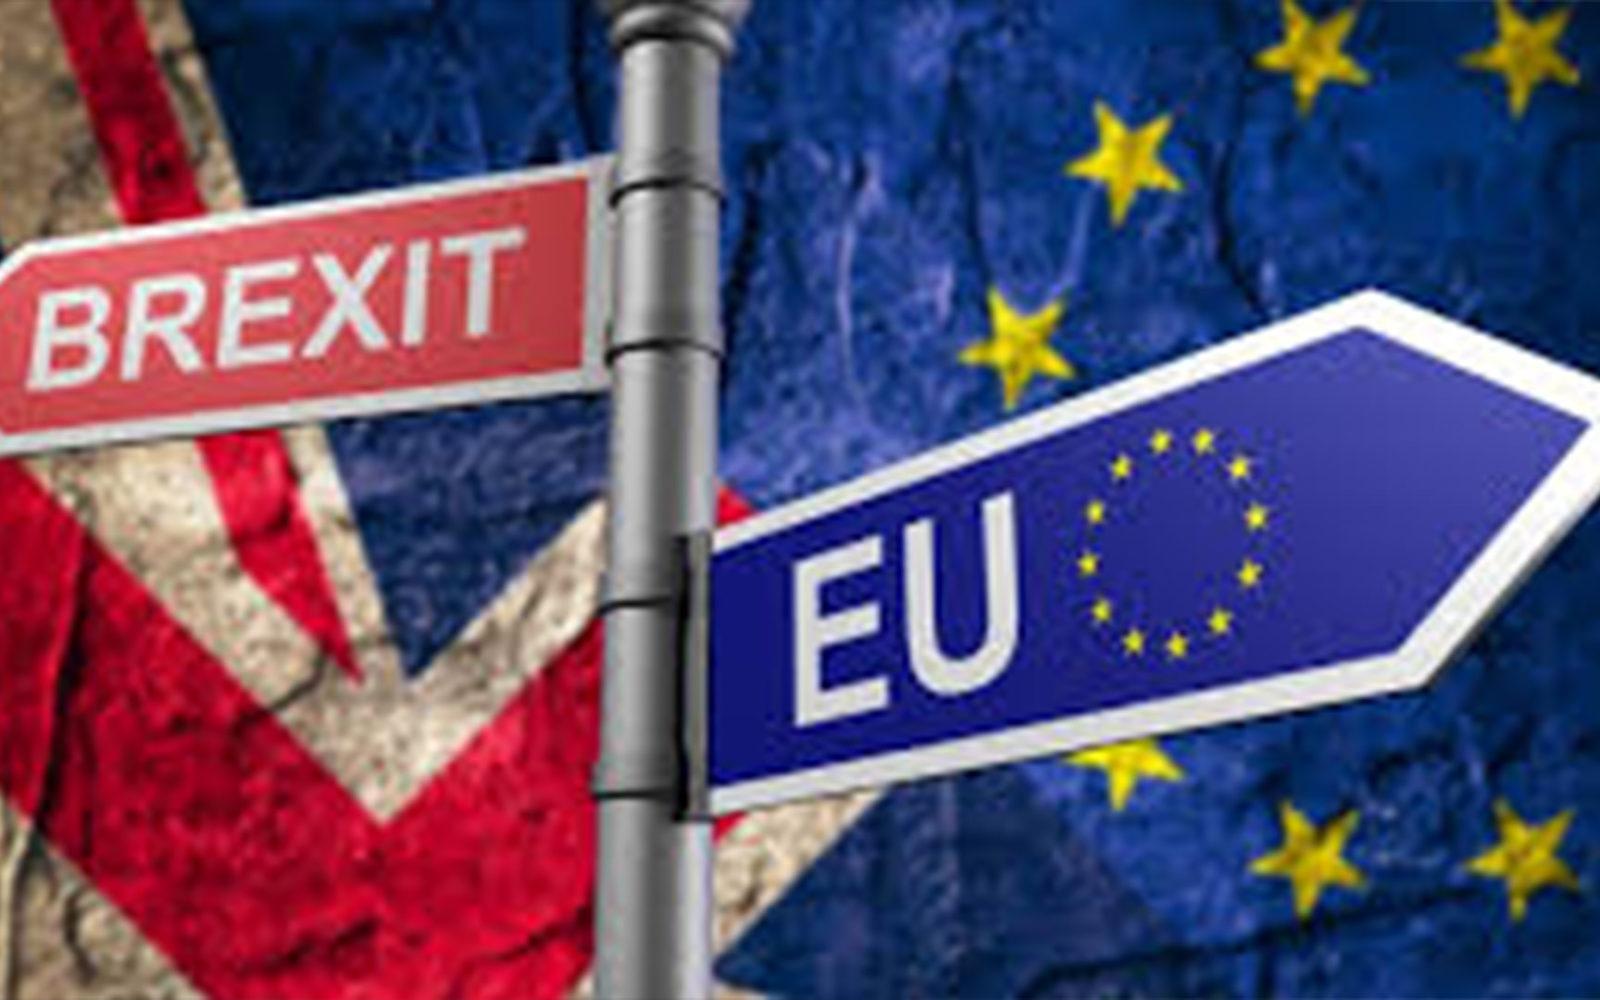 brexit-eu-flag